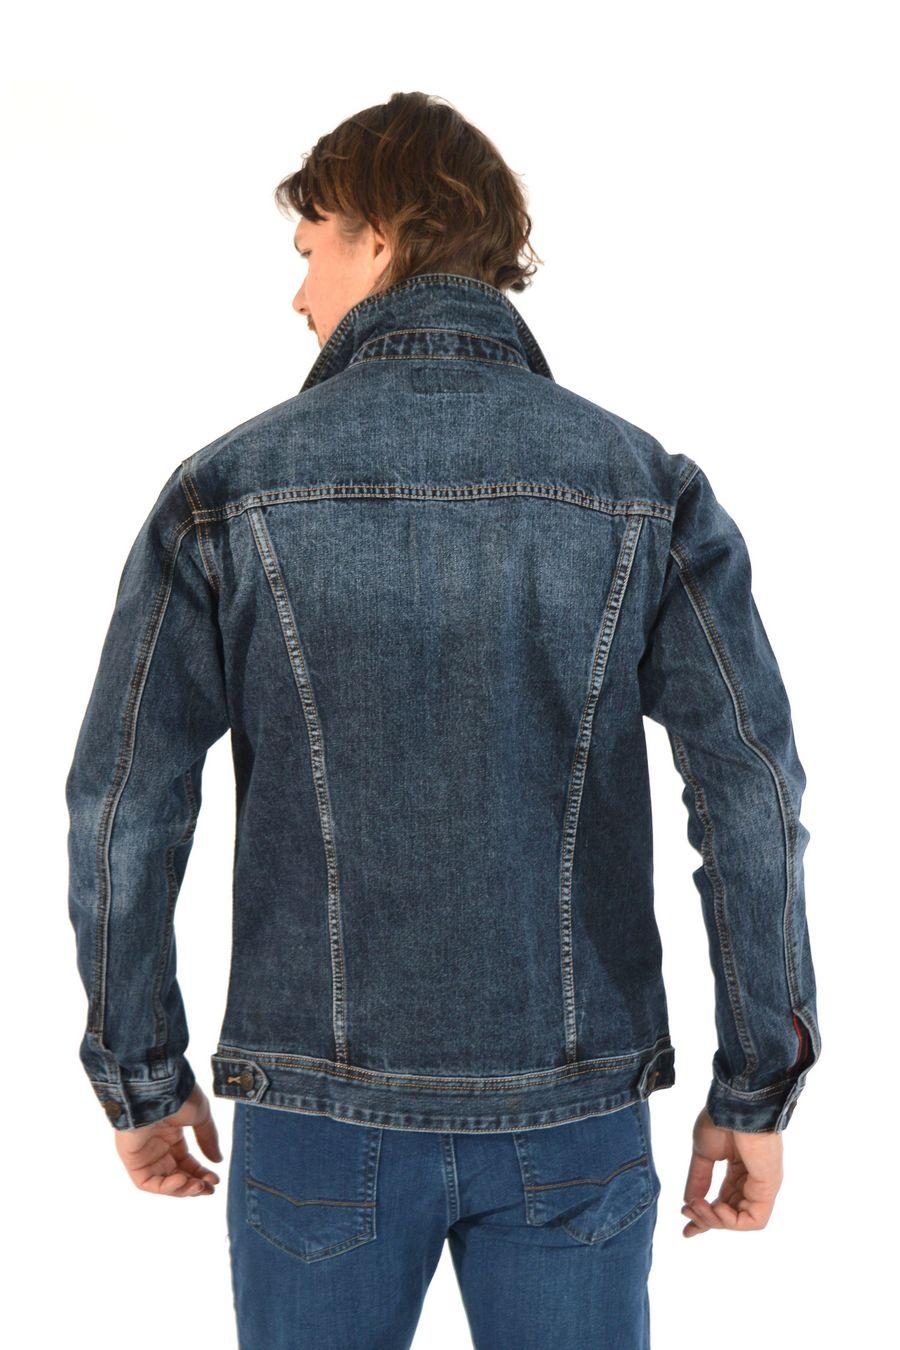 Пиджак мужской (джинсовка) Regass 87211/07 - фото 6